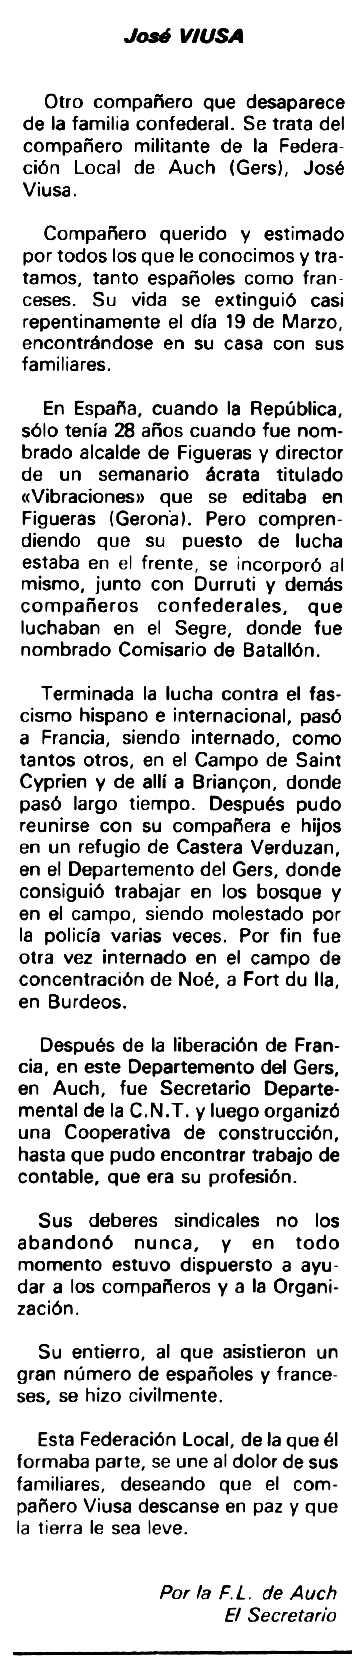 """Necrològica de Josep Viusà Camps apareguda en el periòdic tolosà """"Espoir"""" del 17 de maig de 1981"""